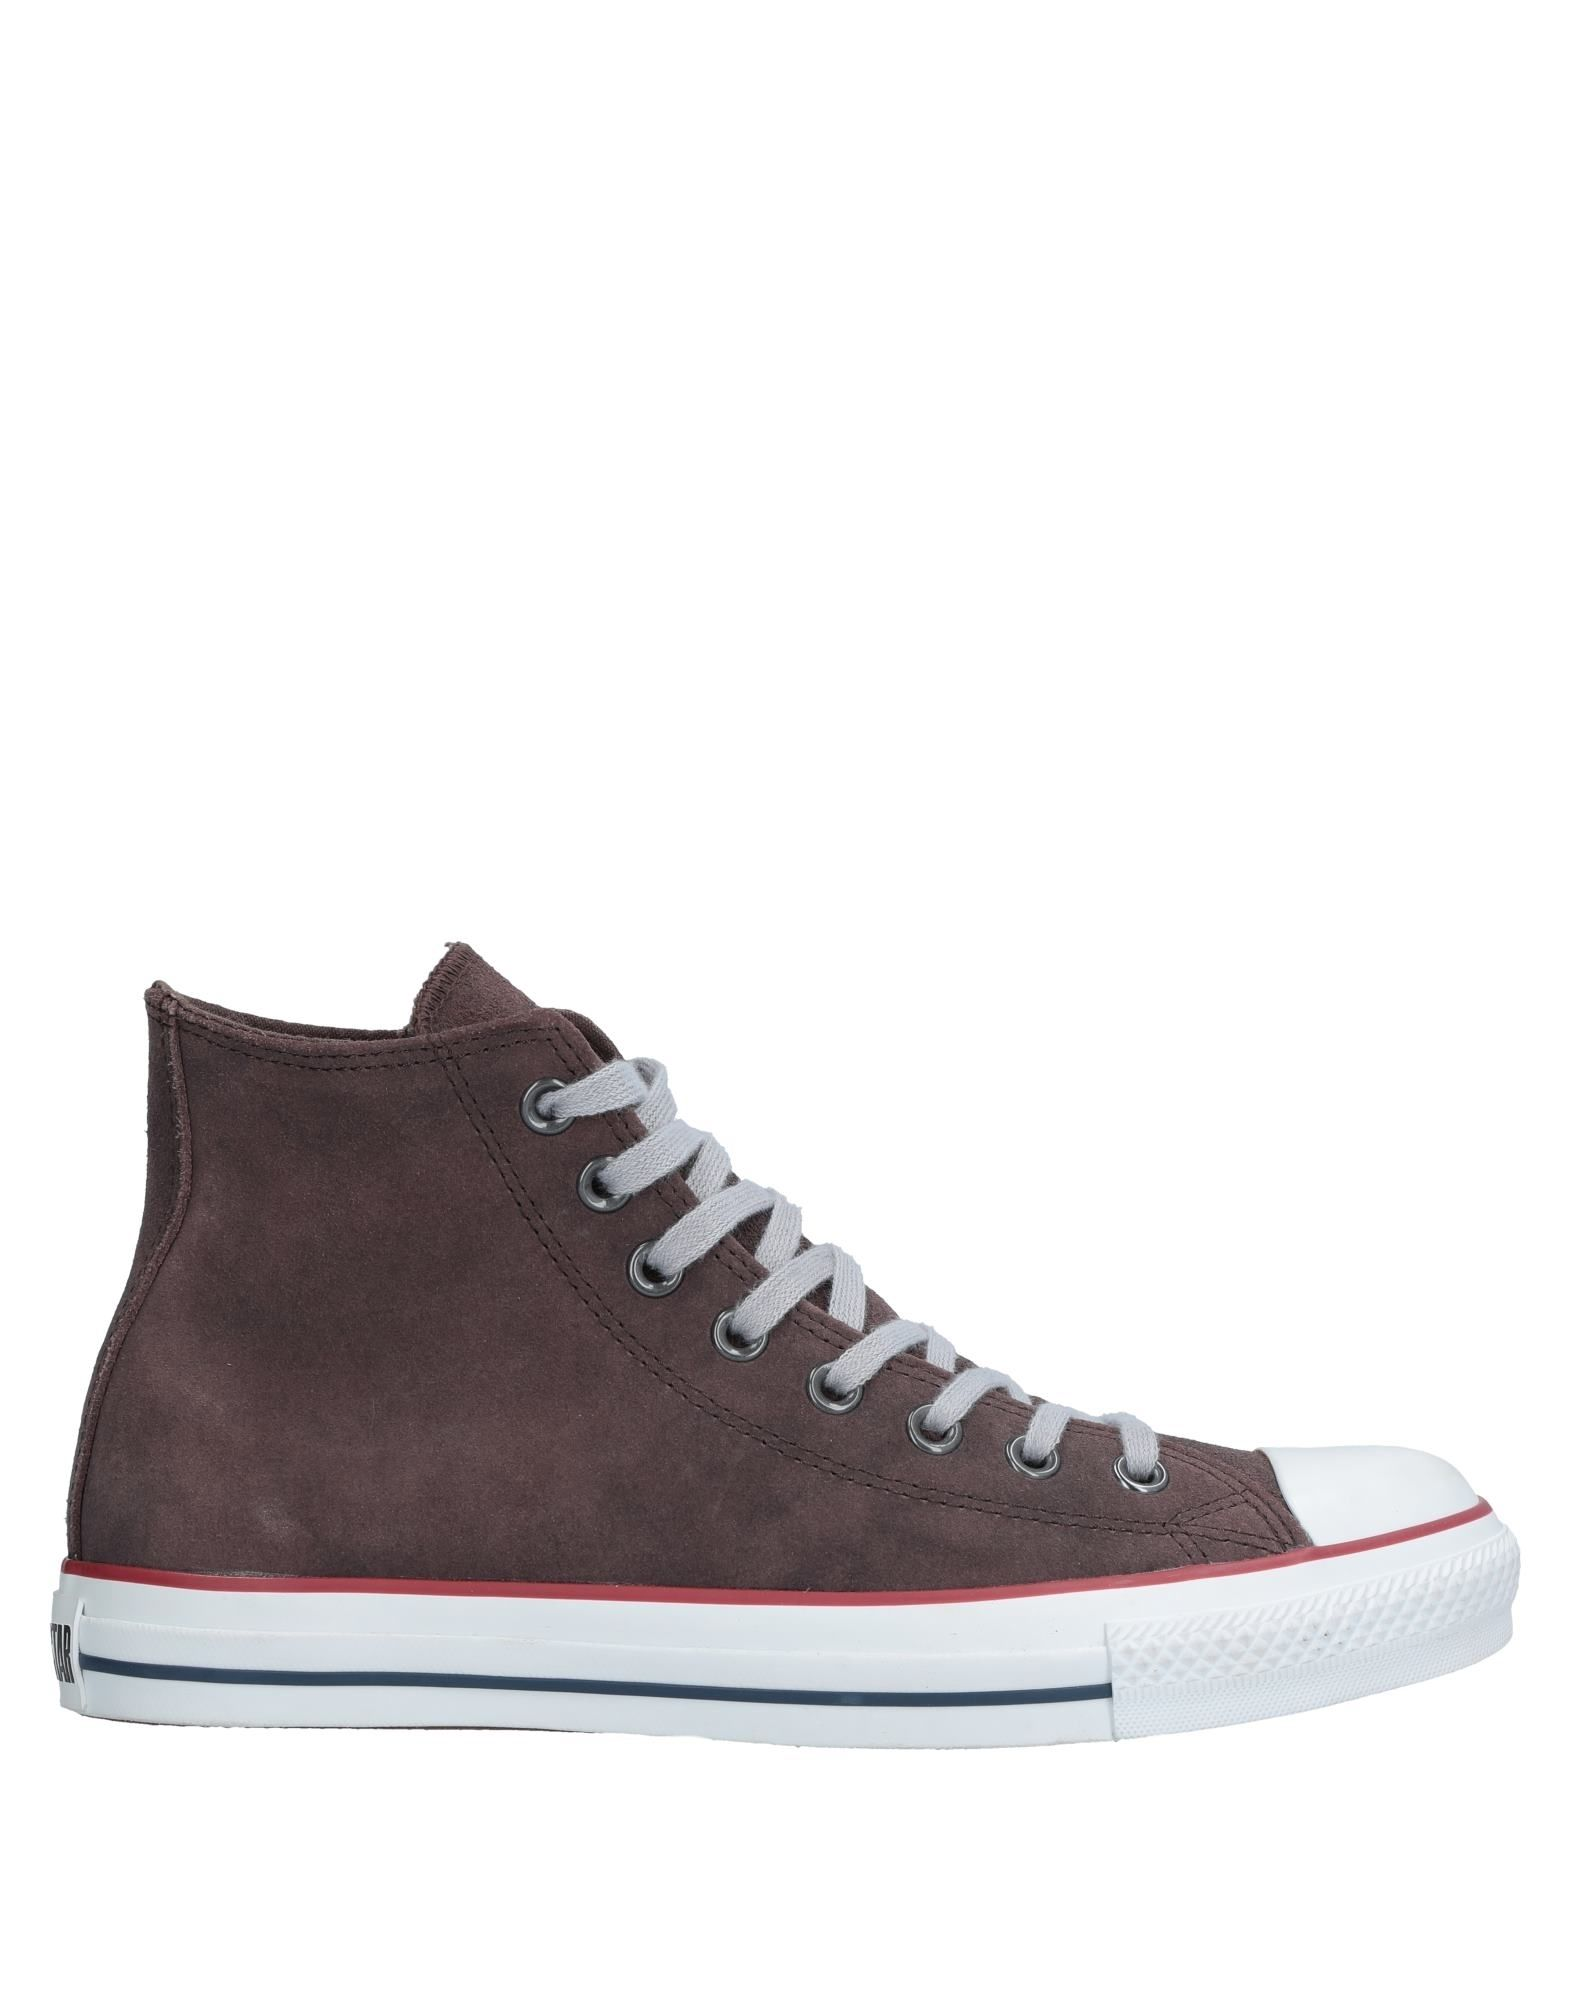 Rabatt echte Schuhe Converse All Star Sneakers Herren  11544101KK